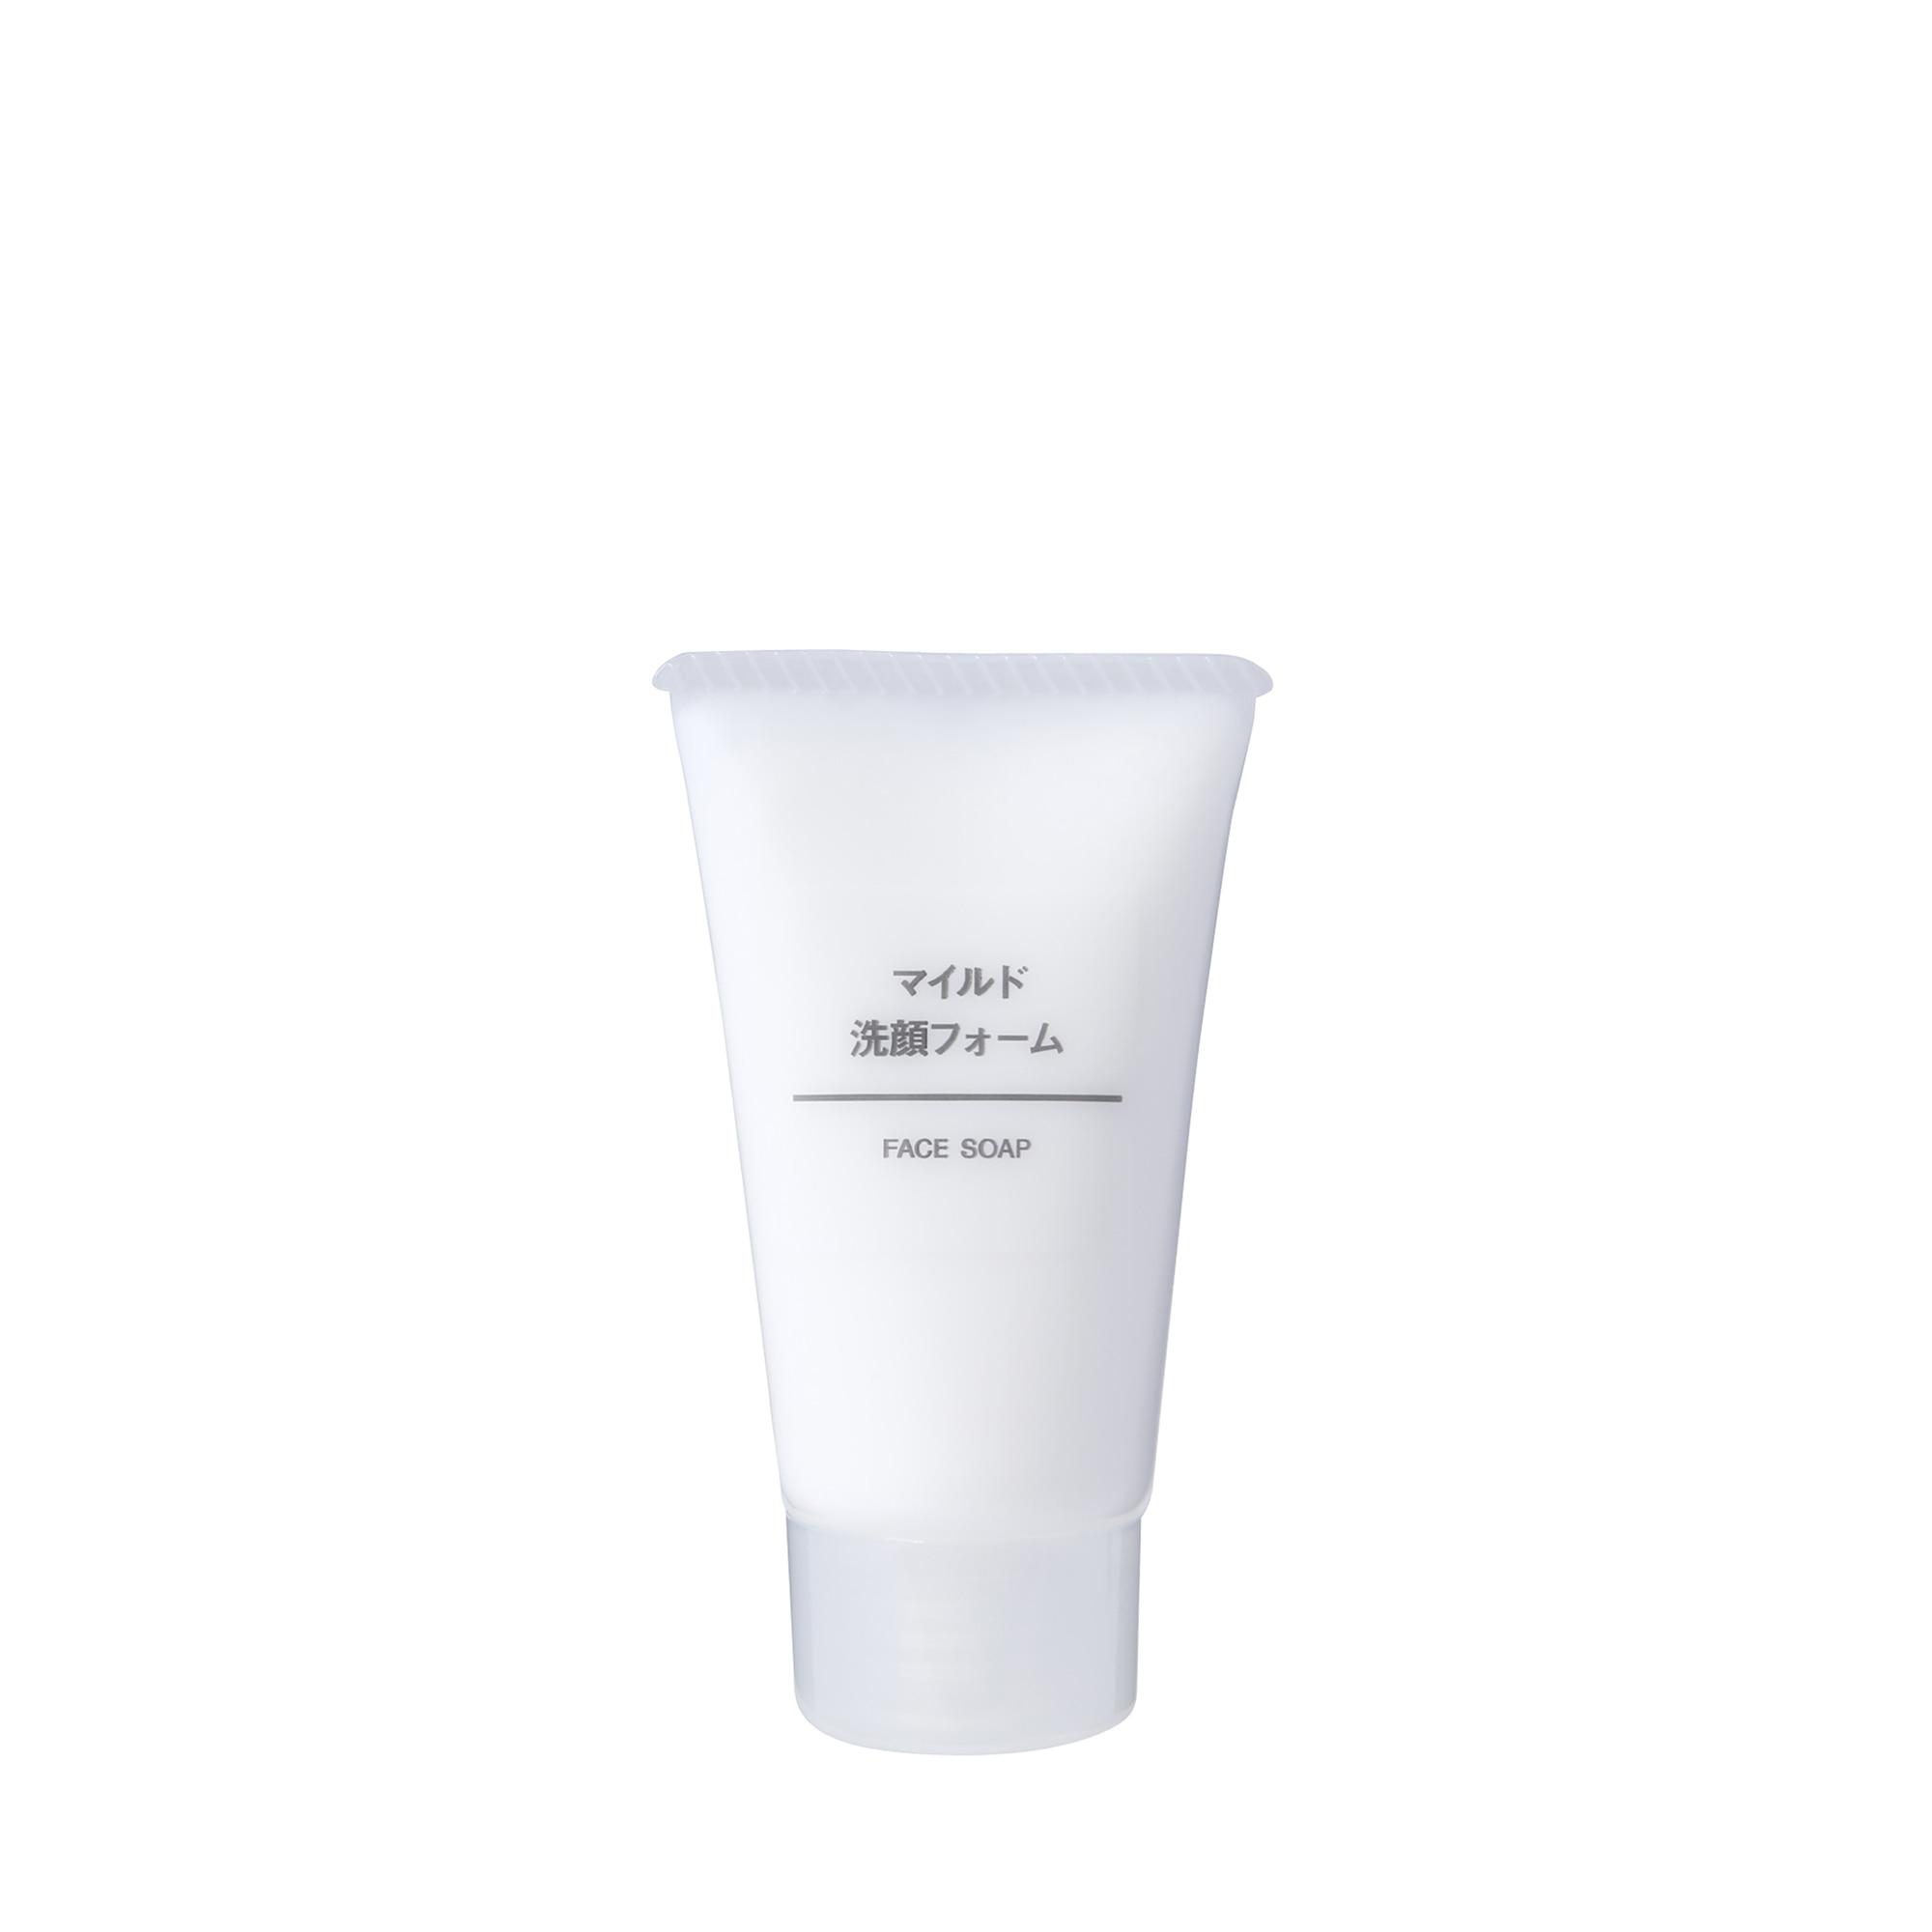 マイルド洗顔フォーム(携帯用)